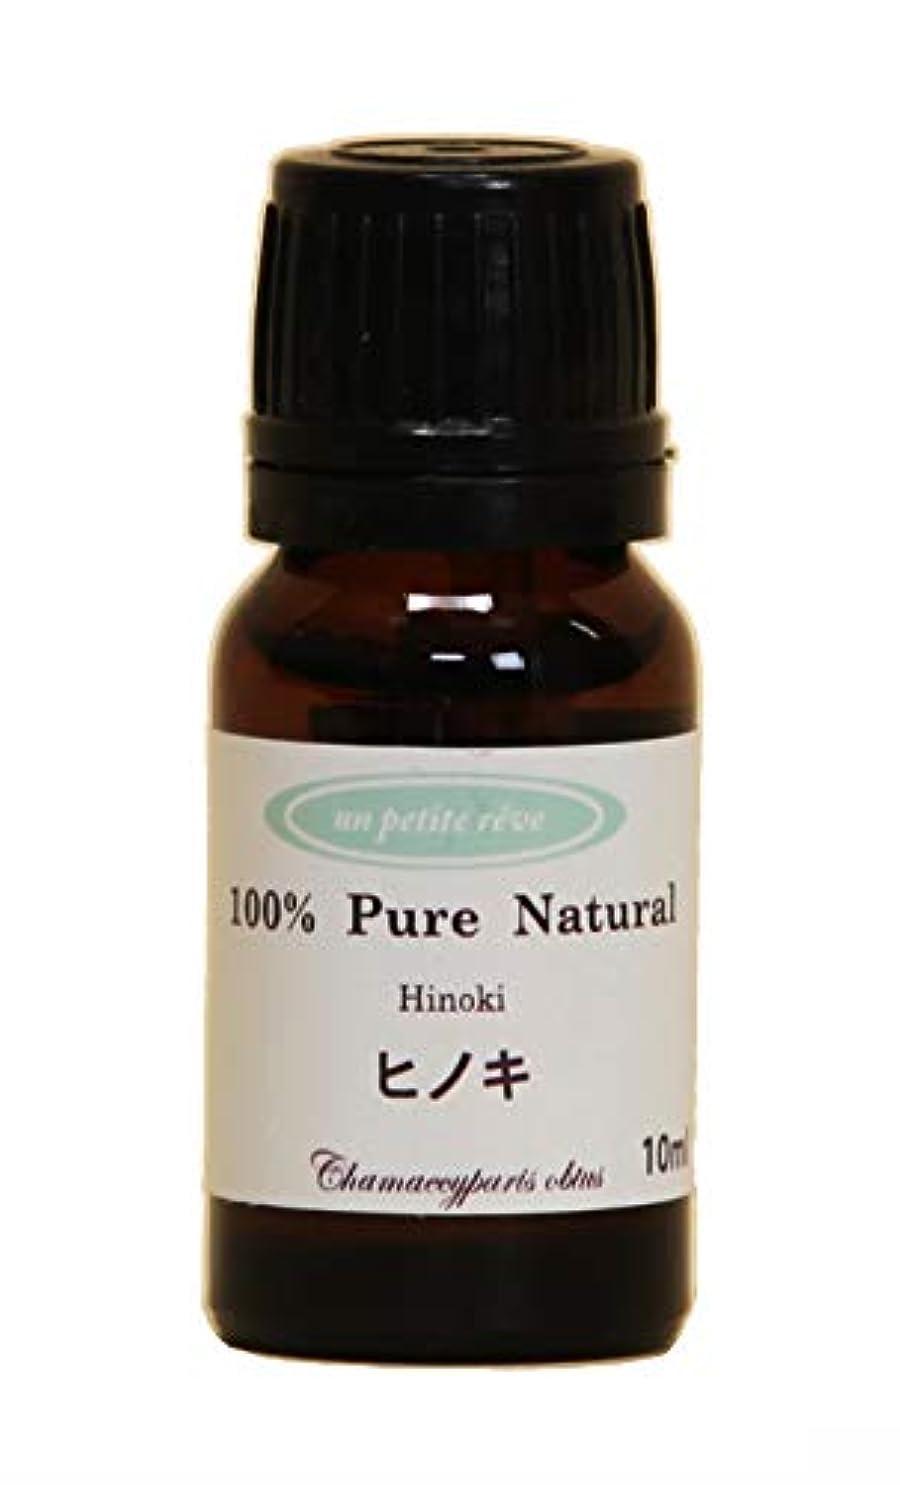 勇敢なワイプペインギリックヒノキ 10ml 100%天然アロマエッセンシャルオイル(精油)